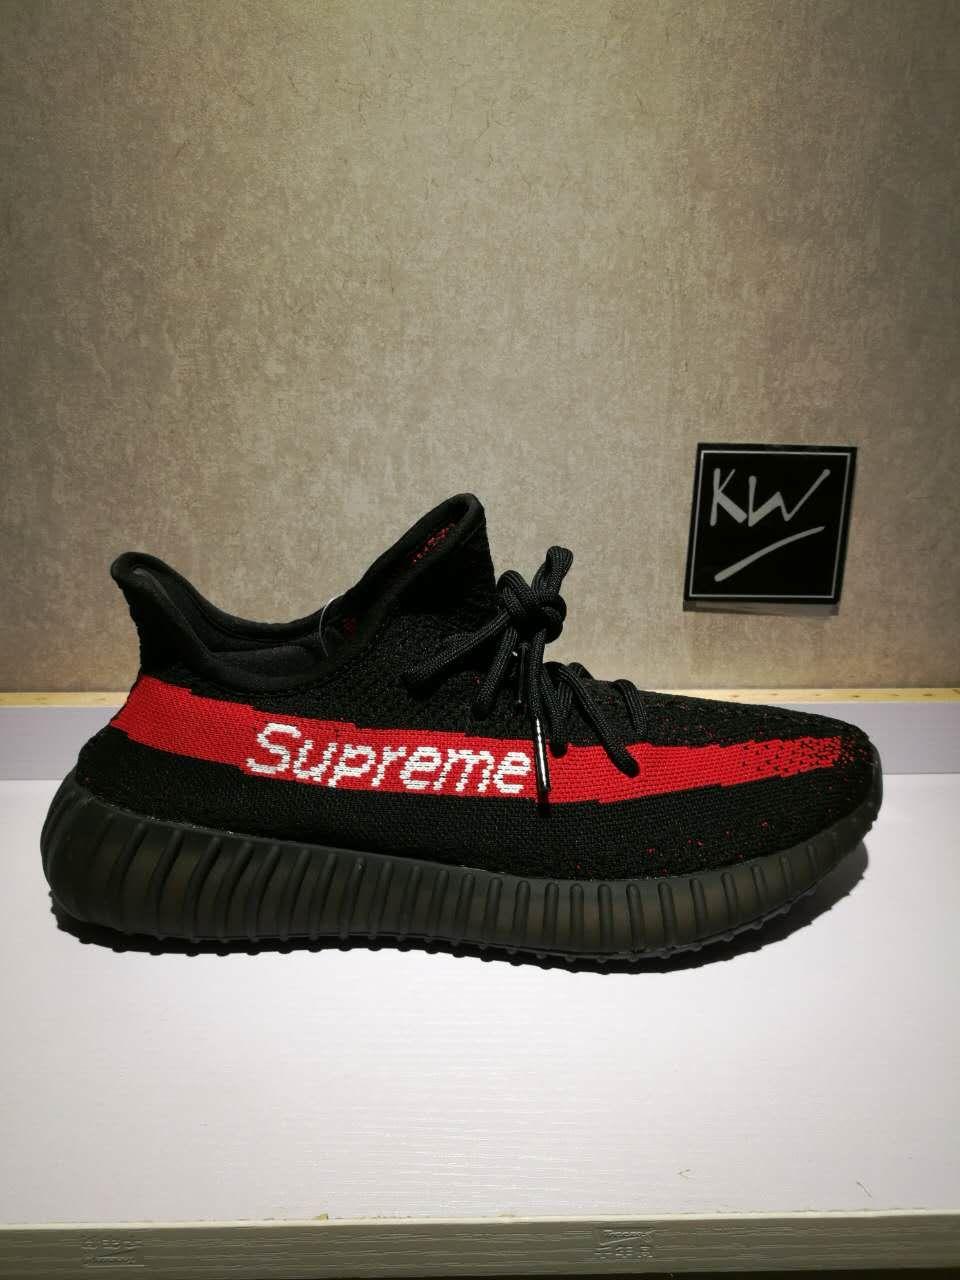 1ae1a6382e6b3 Adidas Yeezy Boost 350 V2 Supreme